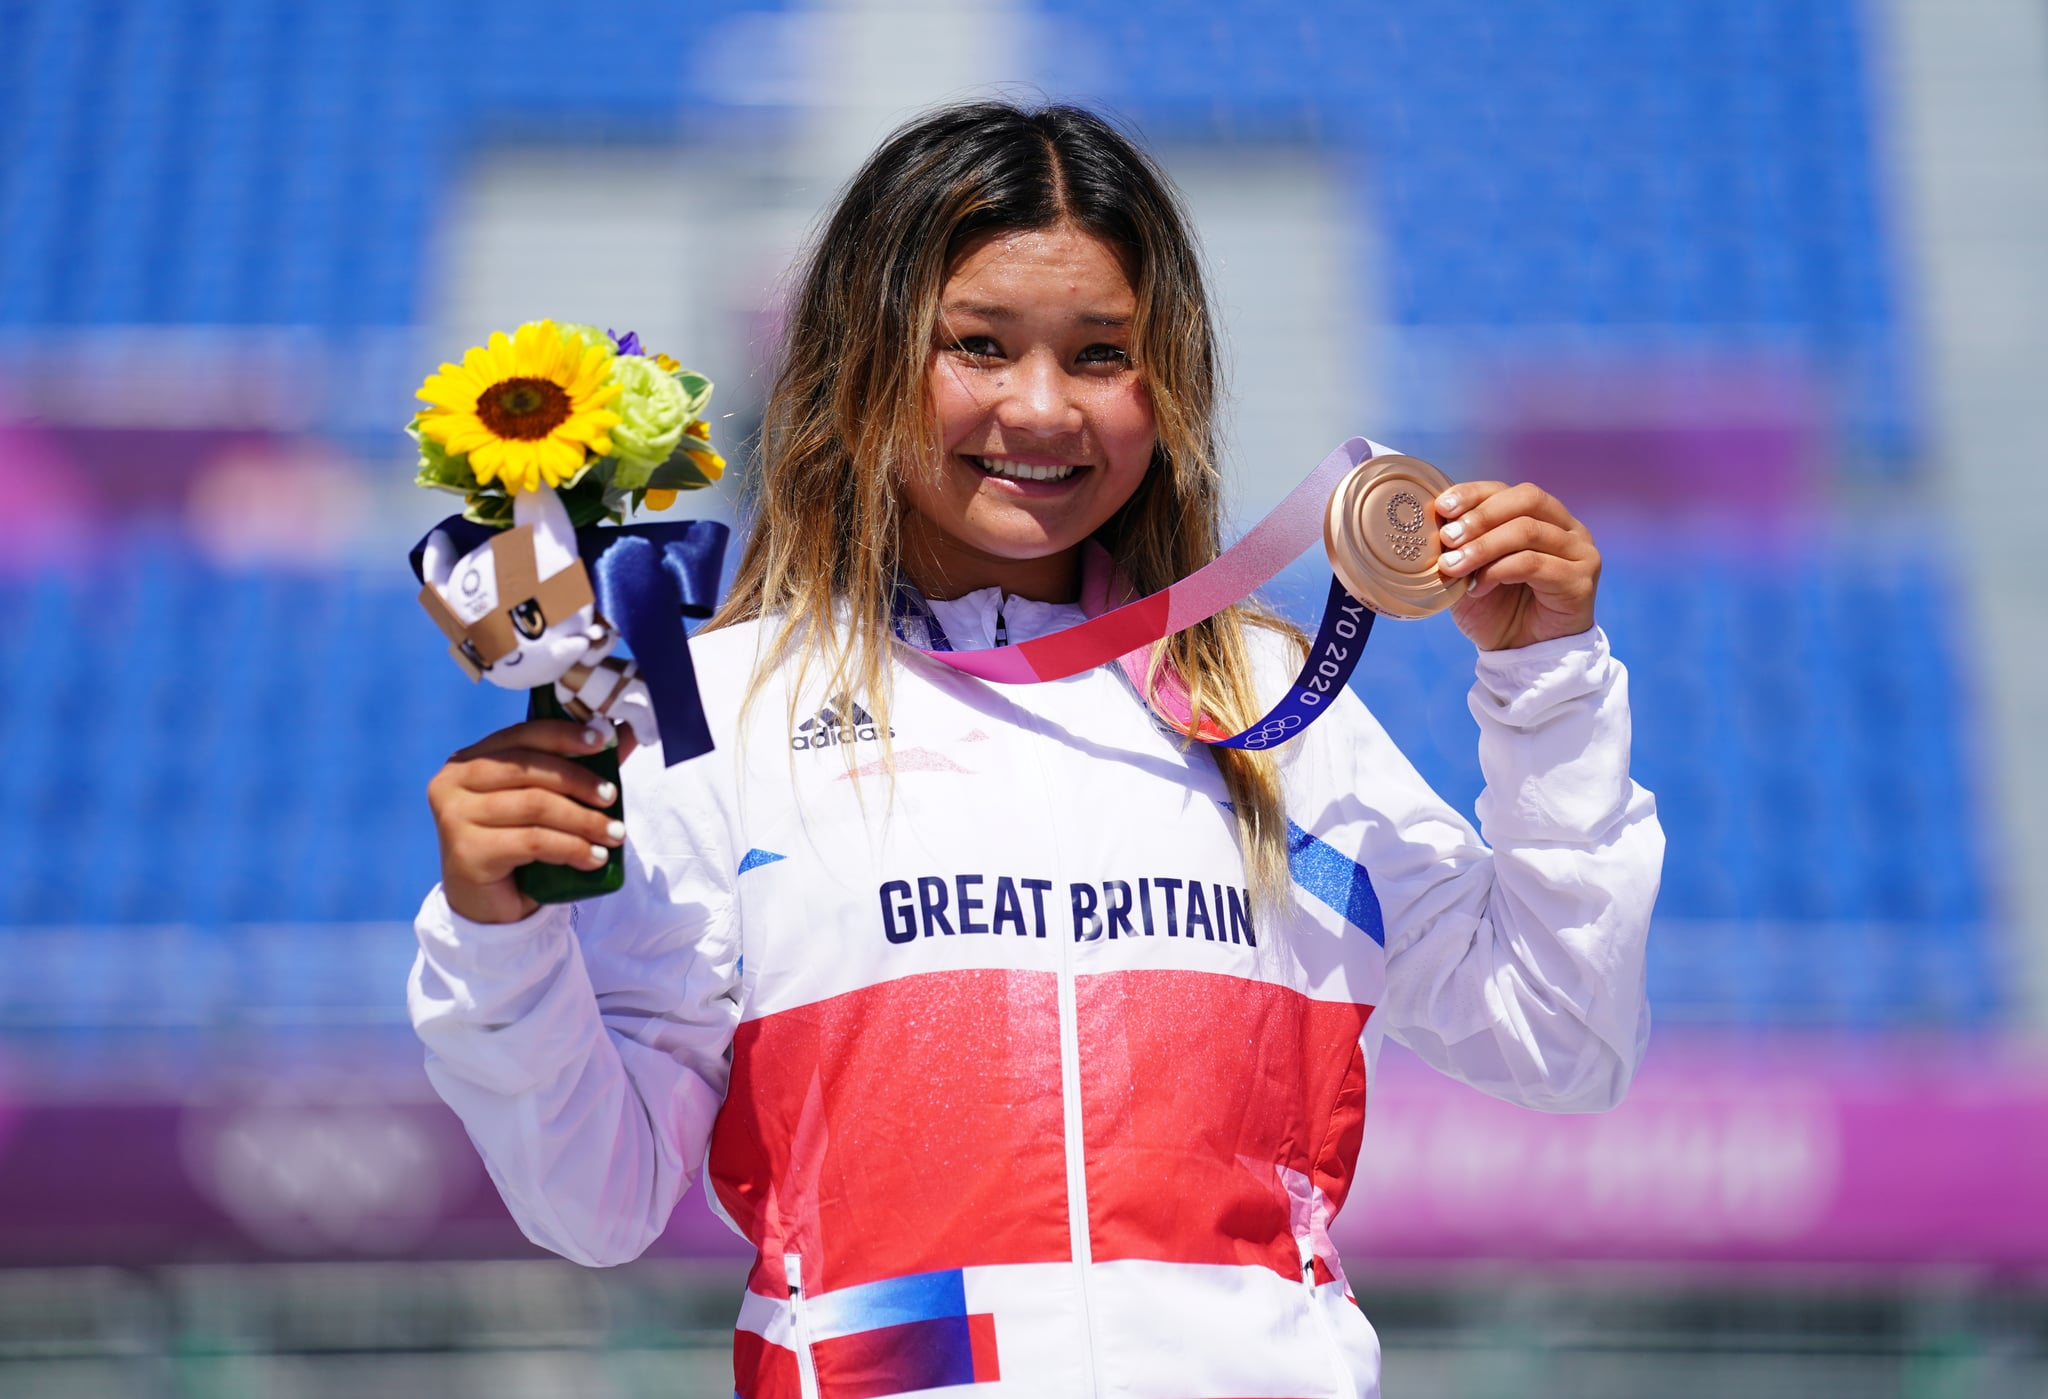 اسکای براون بریتانیای کبیر در دوازدهمین روز بازی های المپیک 2020 توکیو در ژاپن ، کسب مدال برنز را در فینال پارک زنان در پارک ورزشی آریاکه جشن می گیرد.  تاریخ تصویر: چهارشنبه 4 آگوست 2021. (عکس Adam Davy/PA Images via Getty Images)